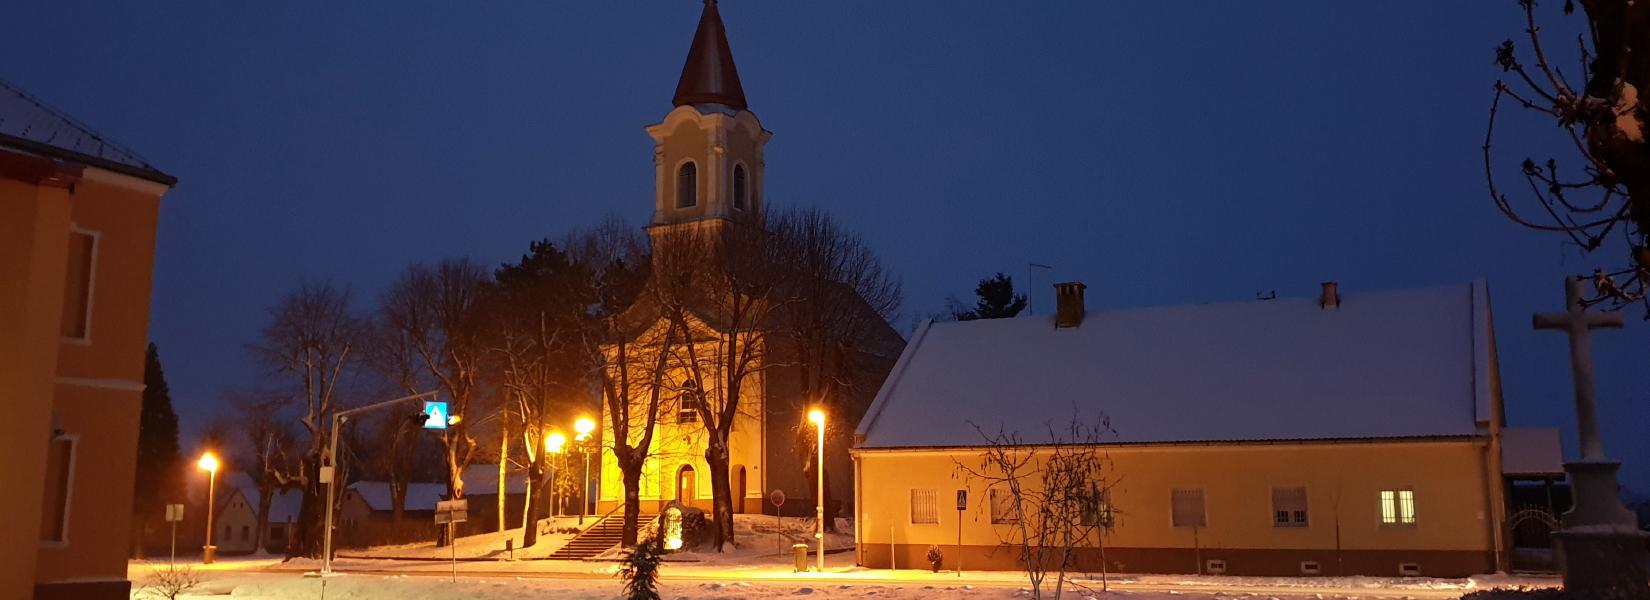 Crkva sv. Ivana Krstitelja 01-2019